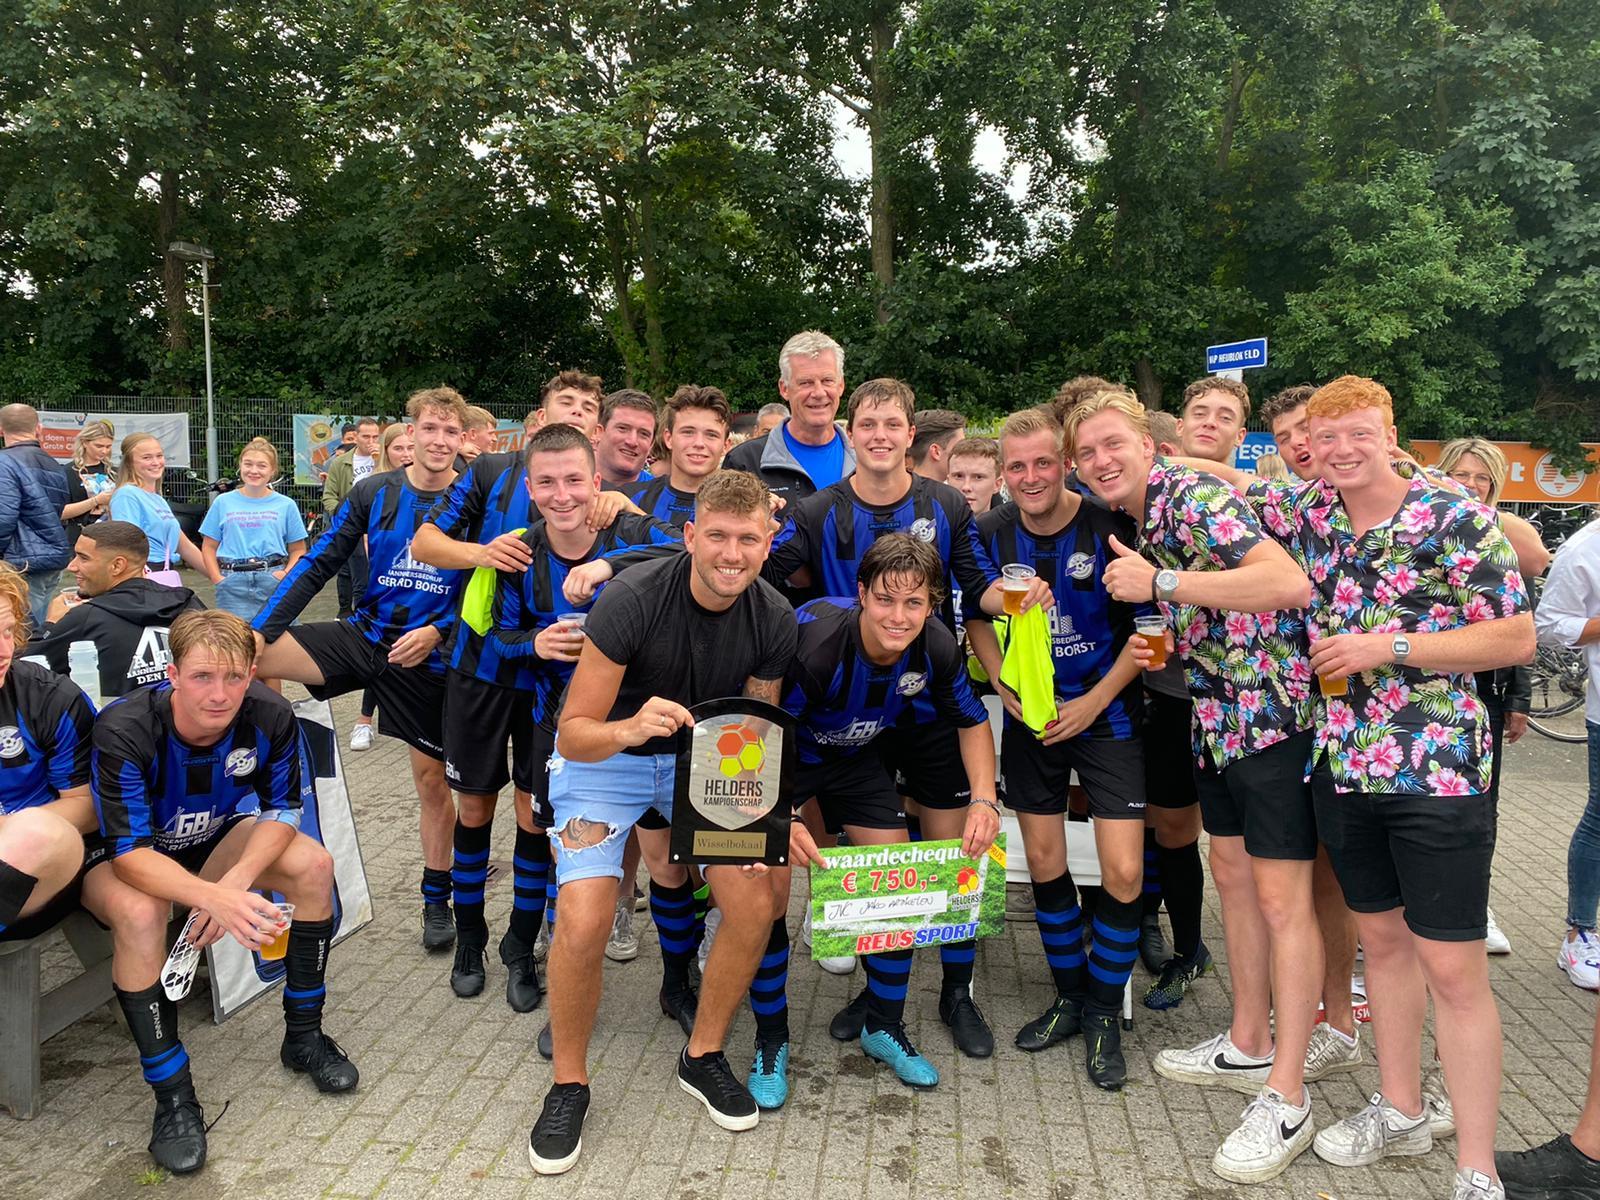 JVC wint Helders Kampioenschap!